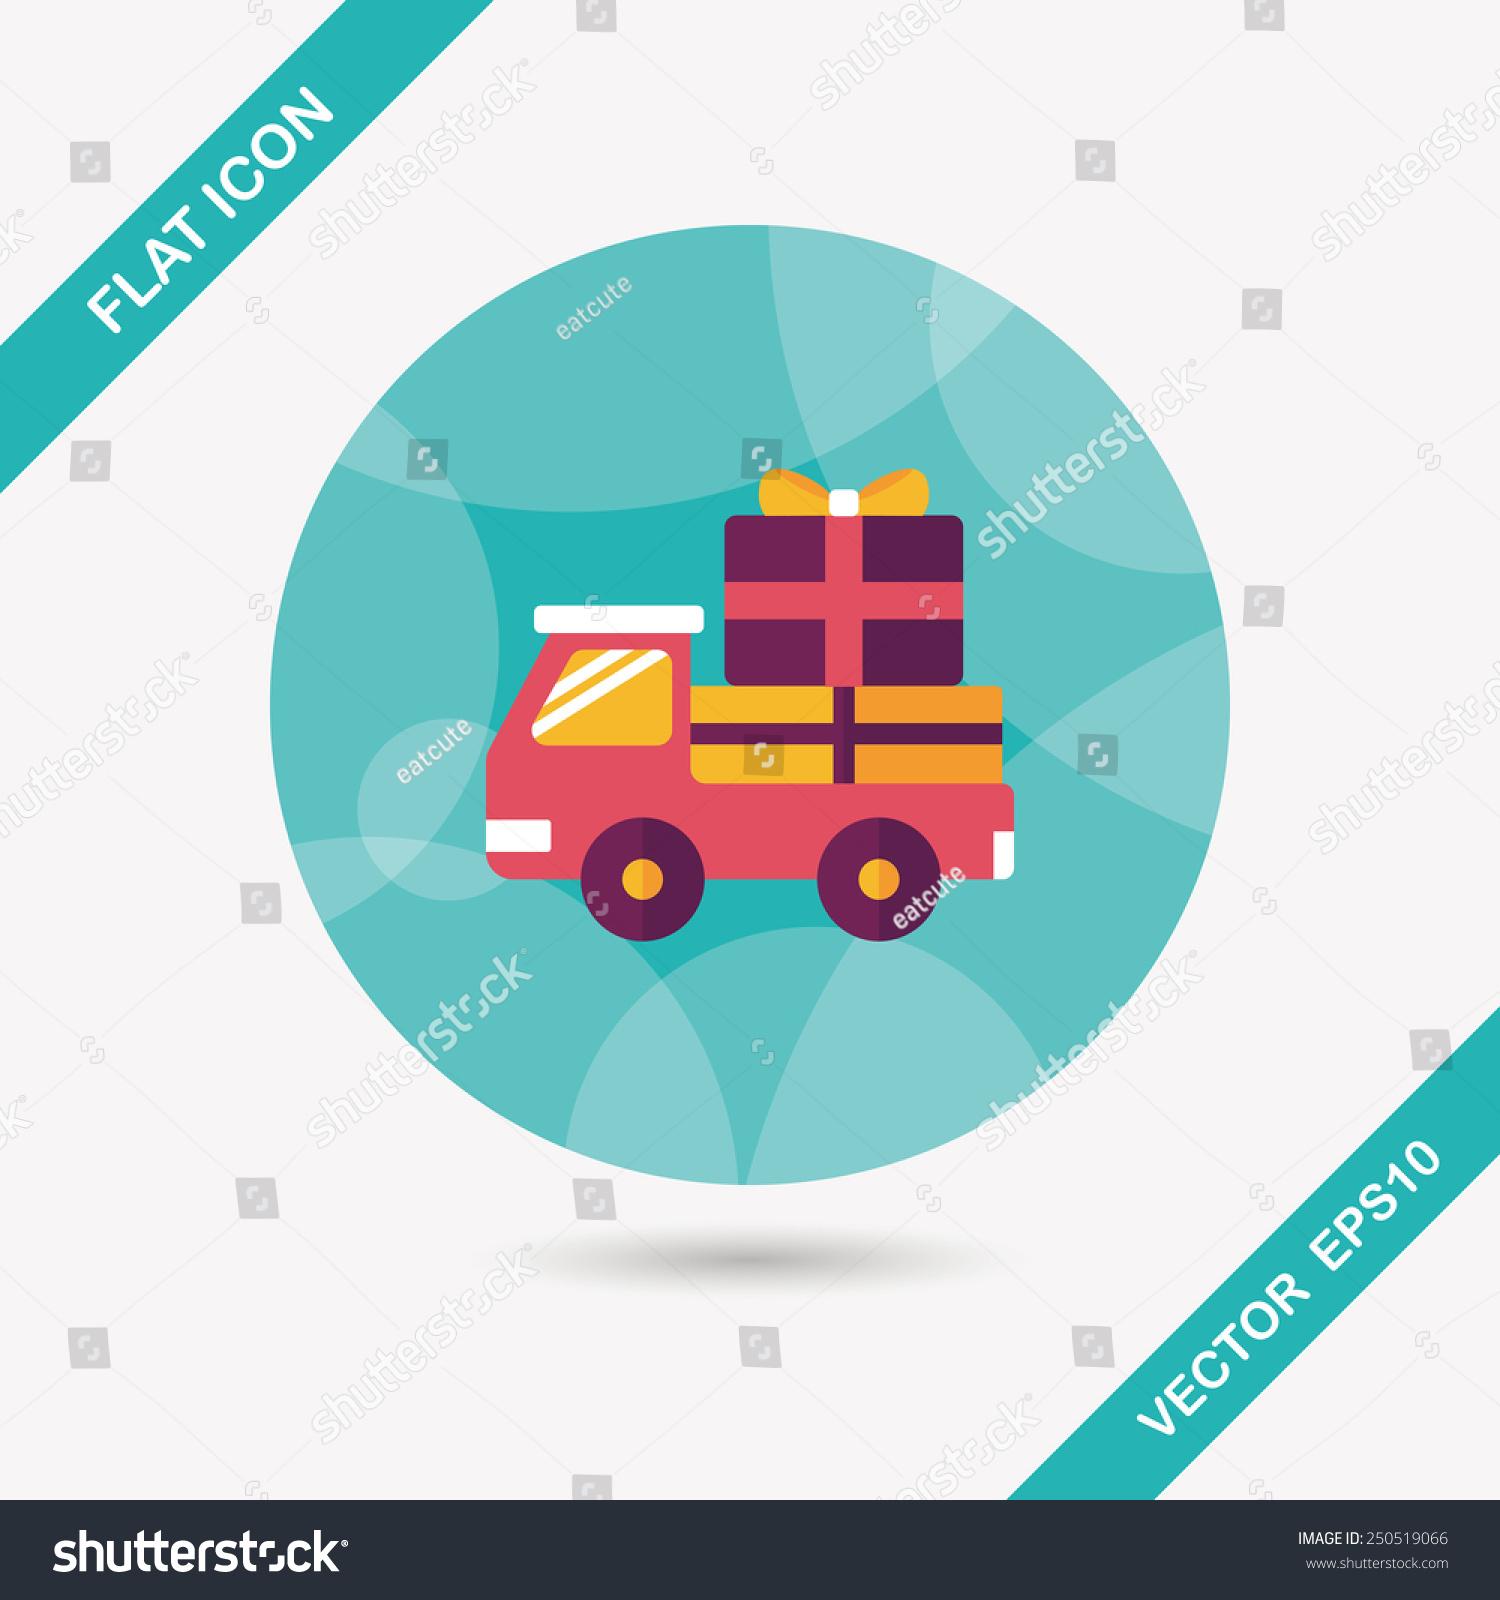 购物货物运输平面图标长长的阴影